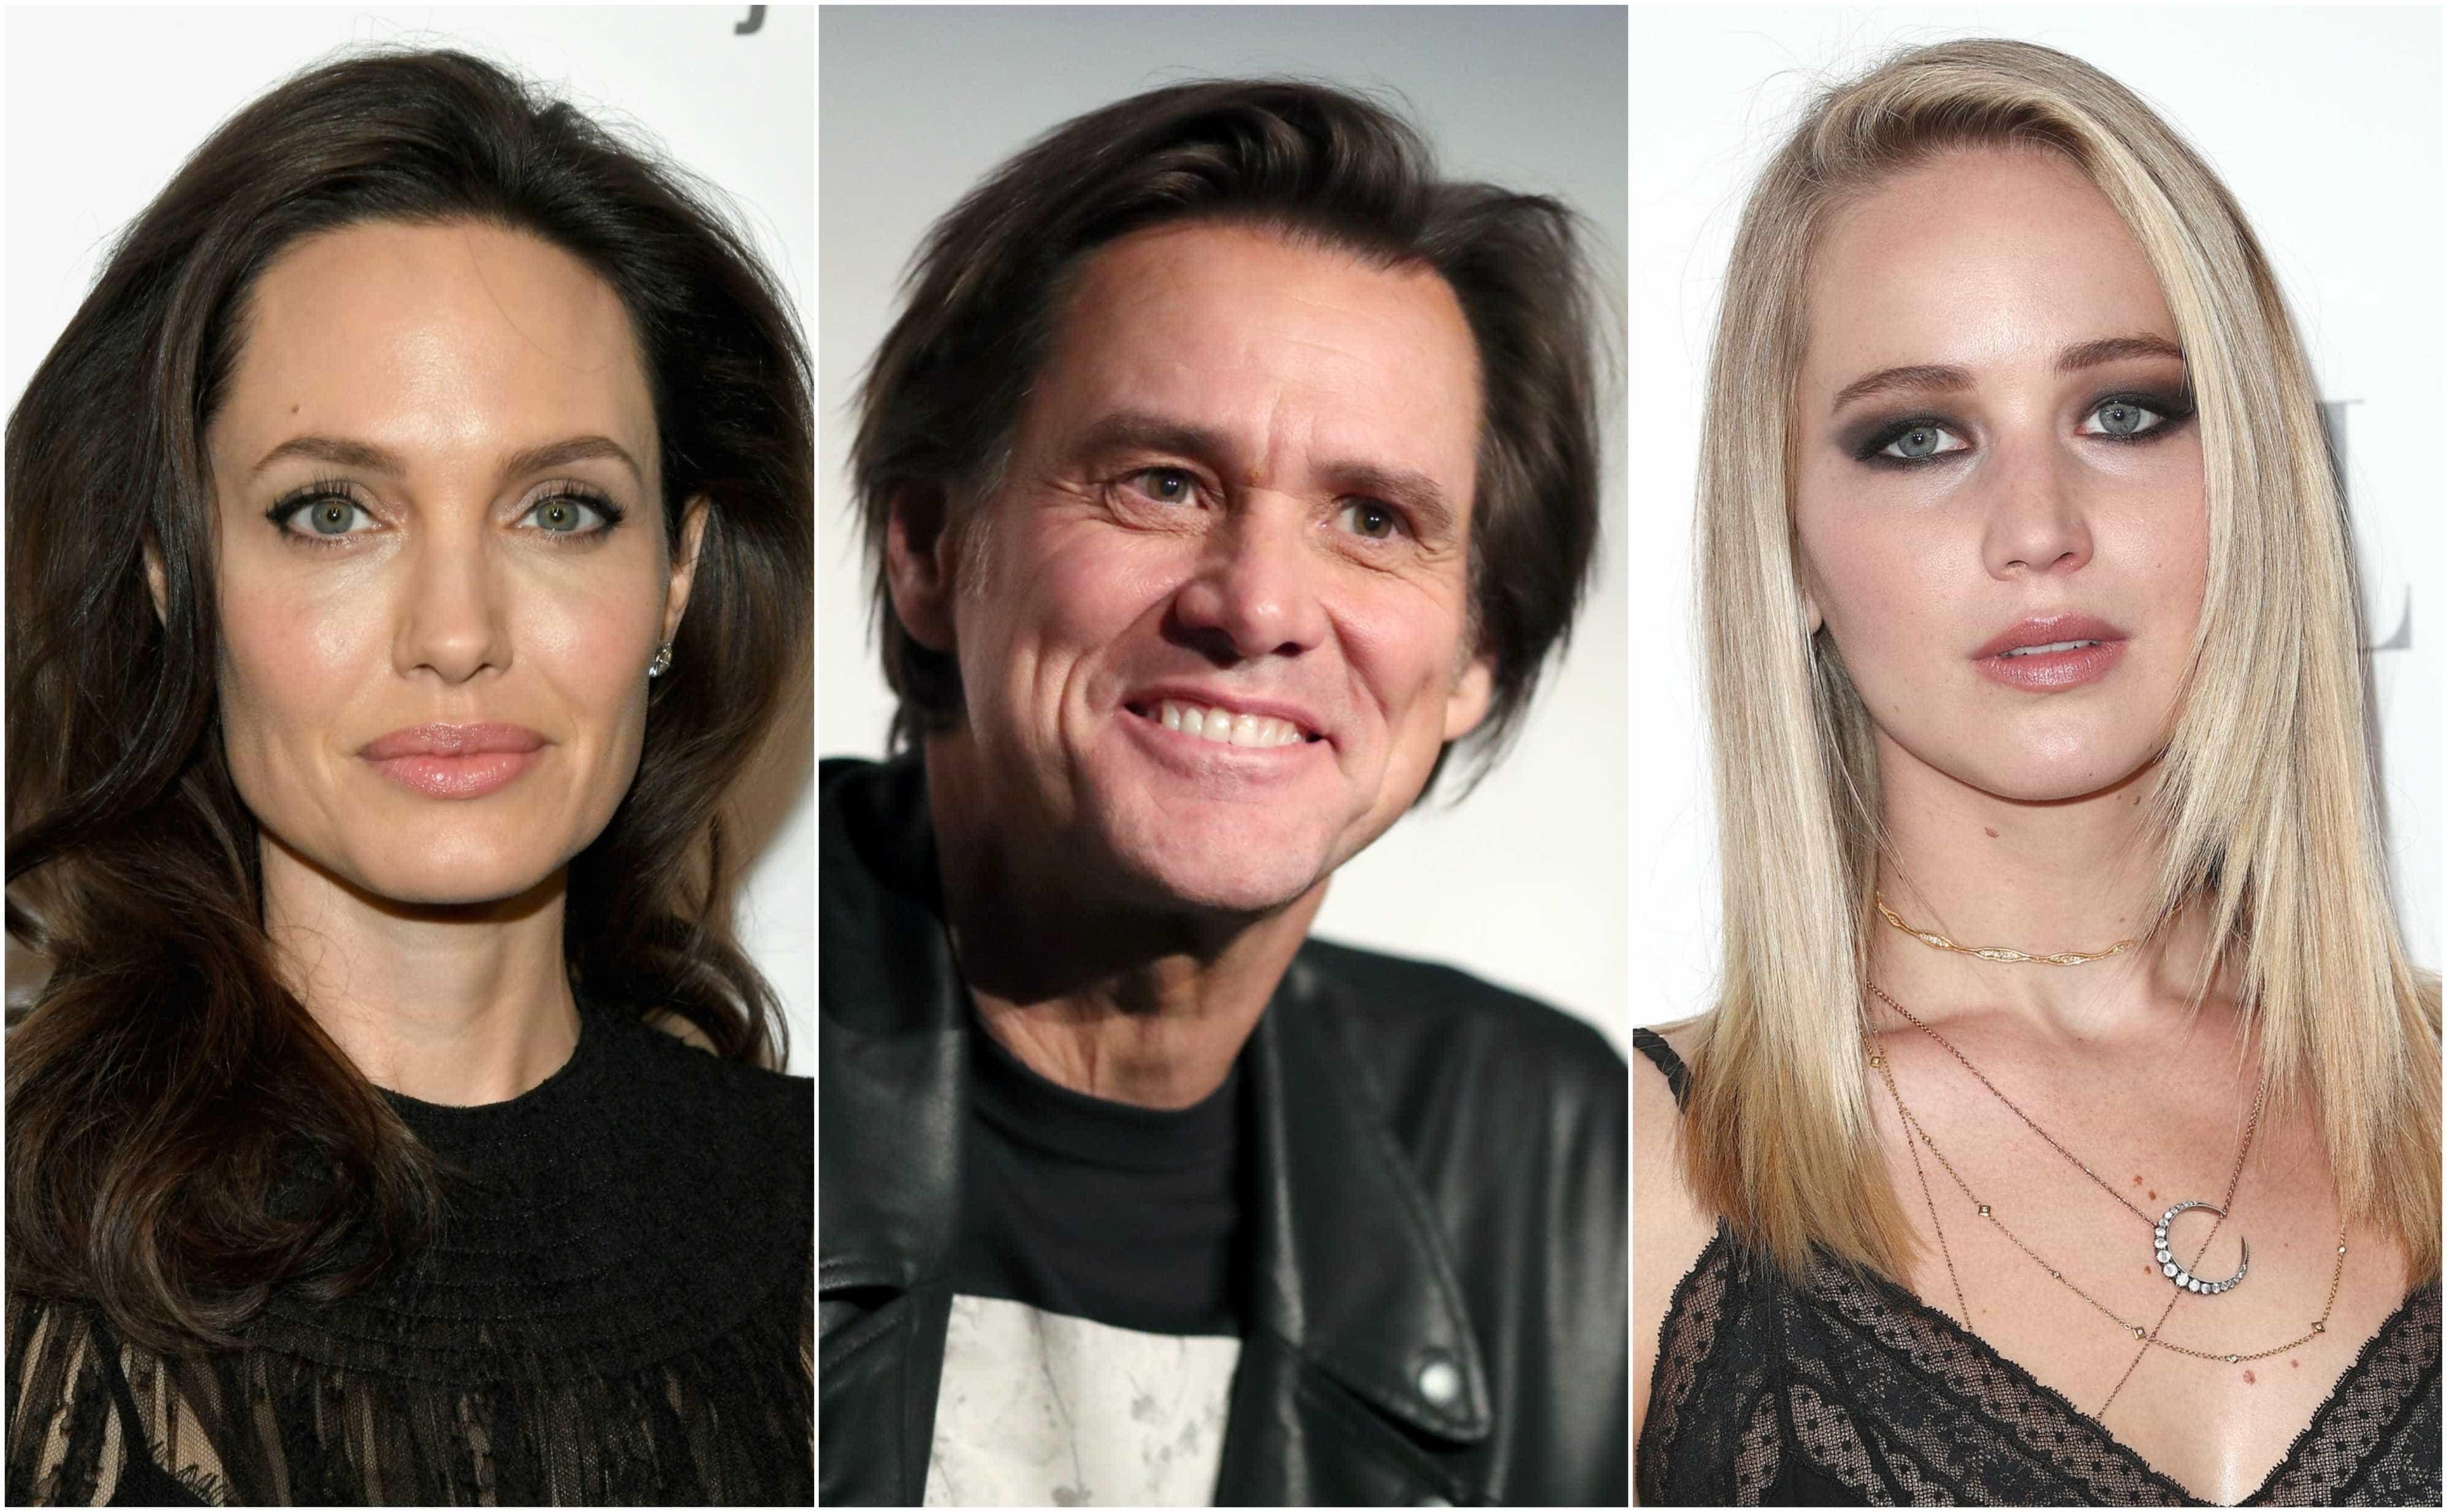 Conheça as celebridades que querem distância das redes sociais